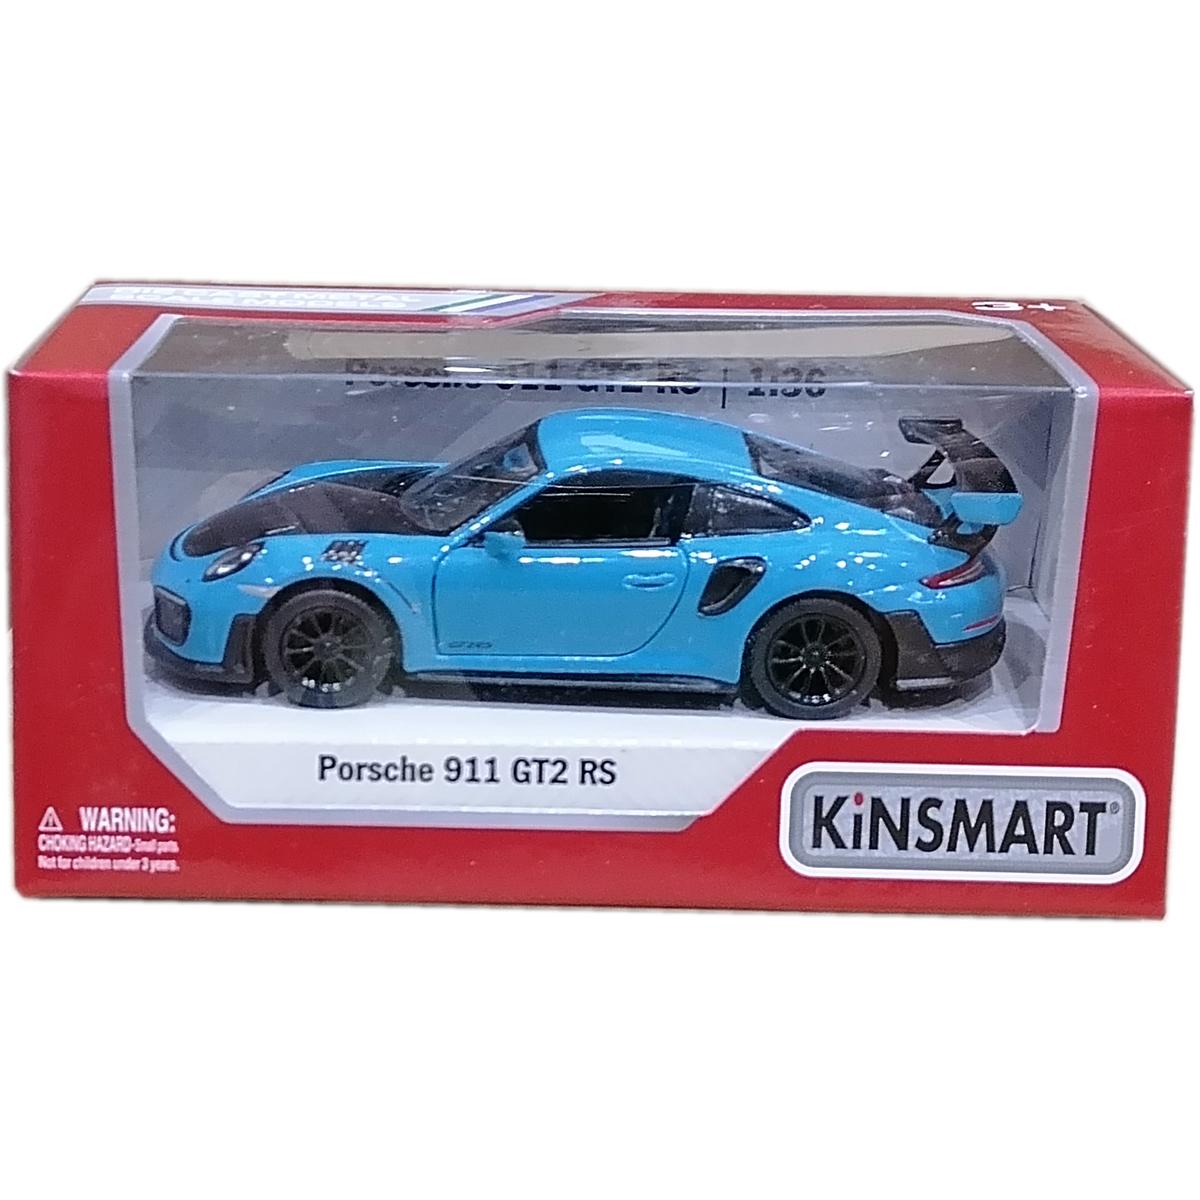 Masinuta din metal Kinsmart, Porsche 911 GT2 RS, Albastru